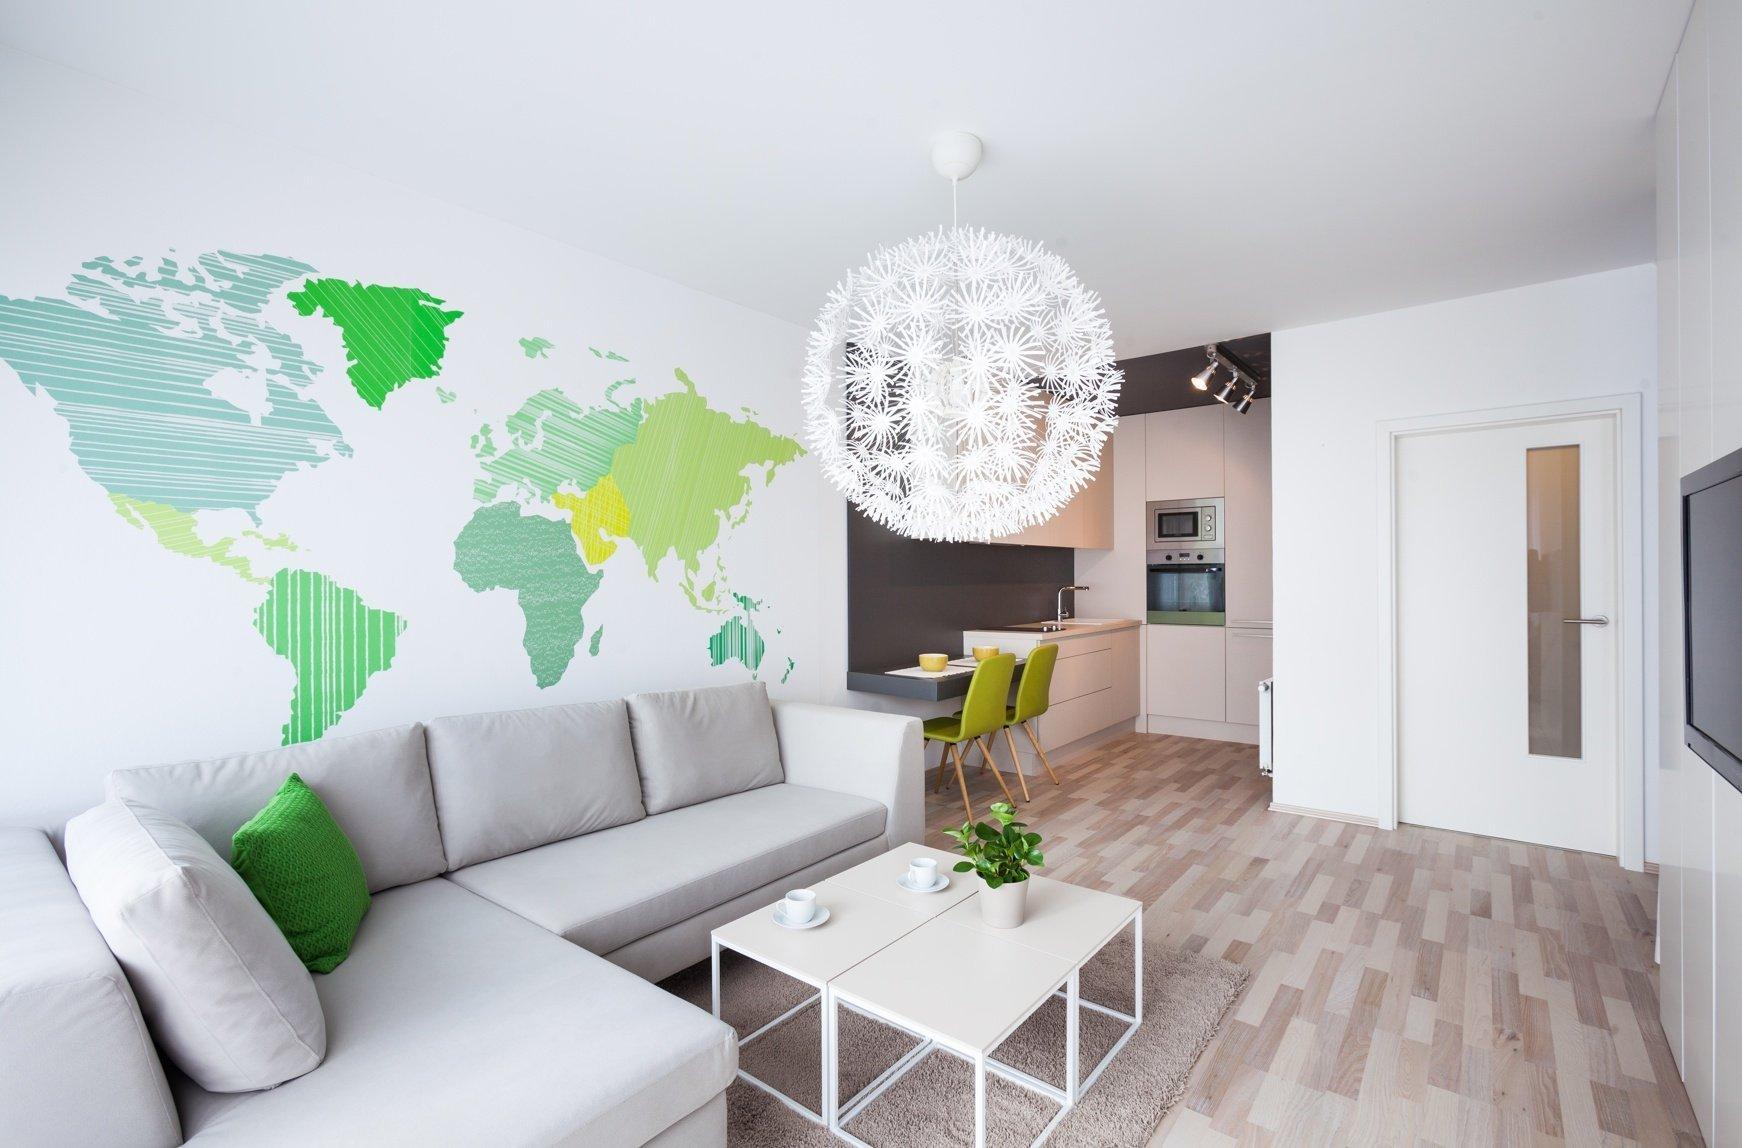 Nový bytový komplex vbrněnské Slatině nabídnul množství holých bytů, znichž jsme jeden oblékli do severského stylu.  Měli jsme navrhnout a…